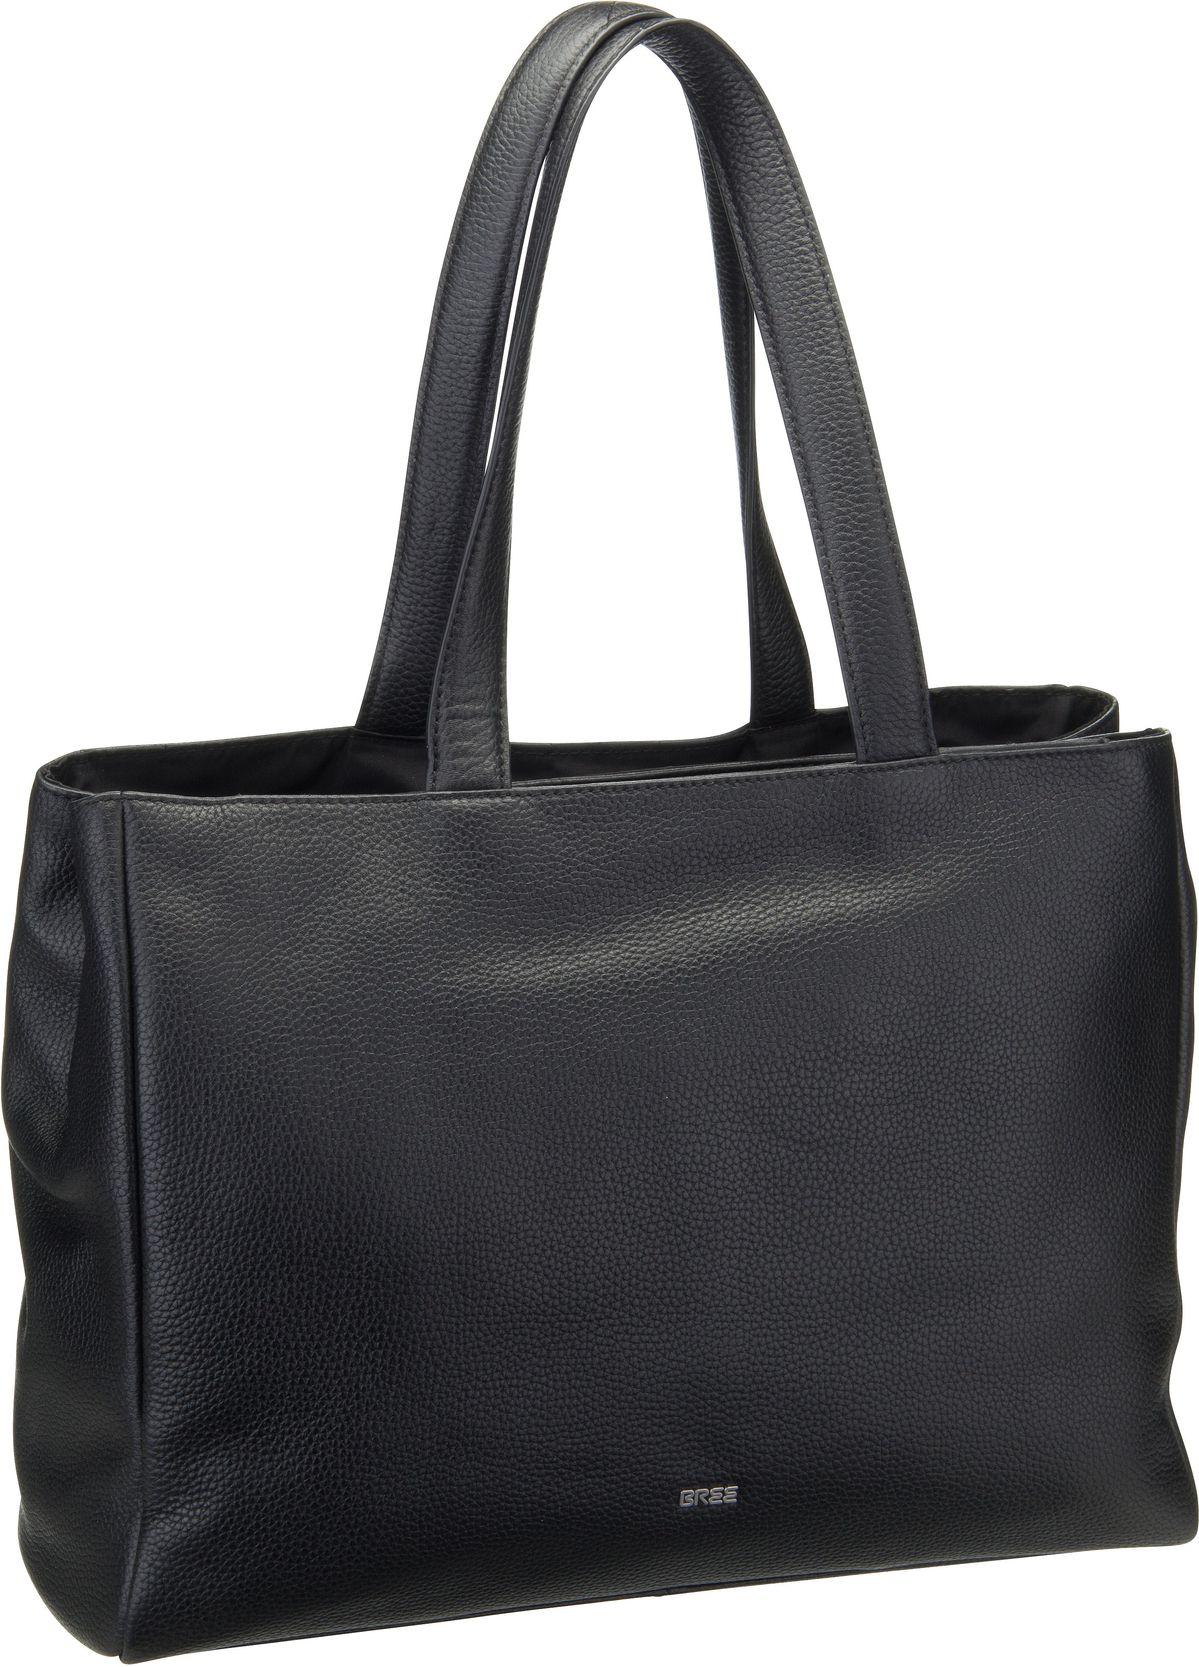 Handtasche Nola 14 Black